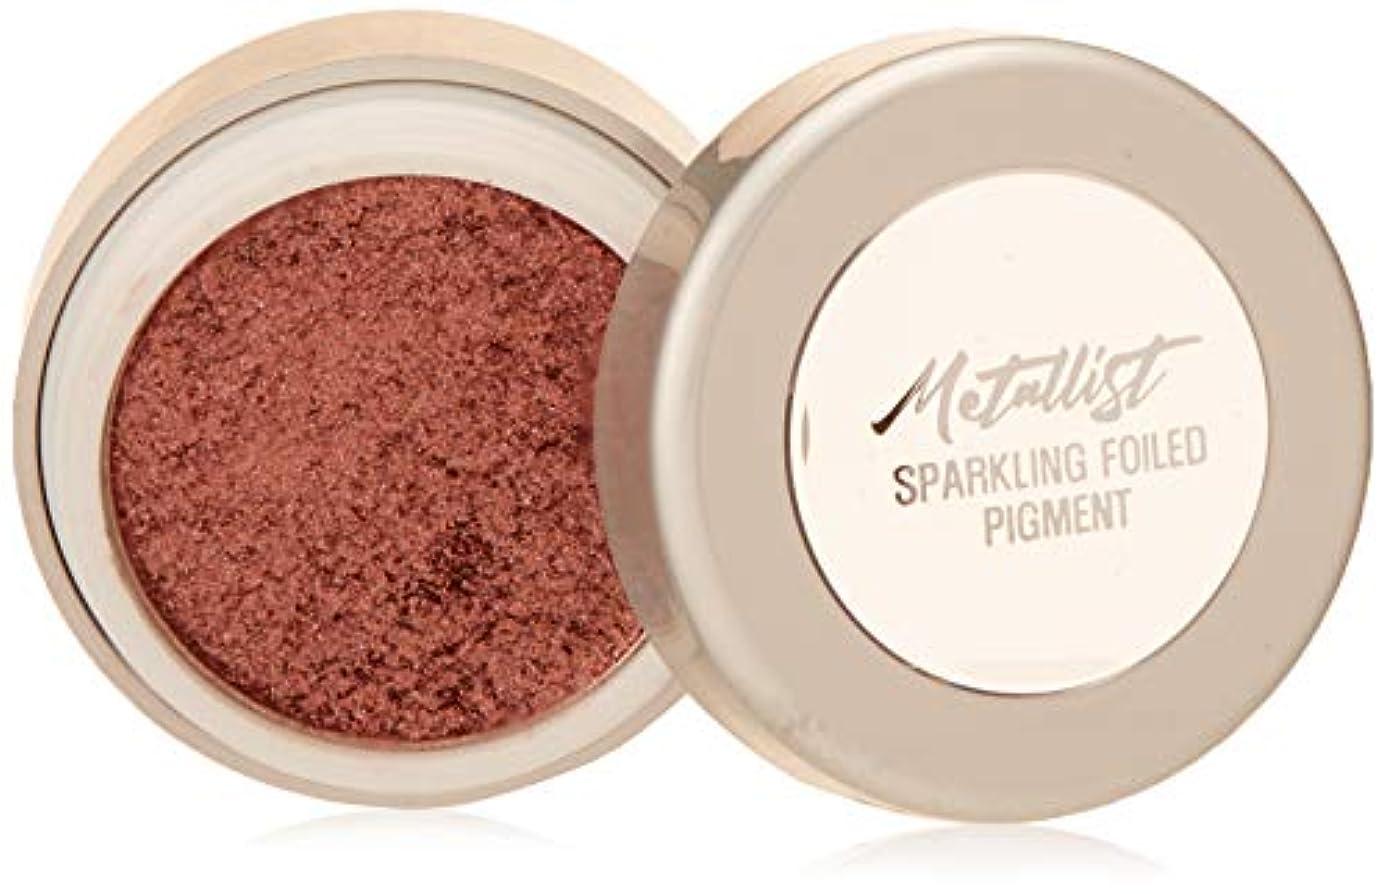 ダム国民投票欲しいですMetallist Sparkling Foiled Pigment - 06 Persian Rose